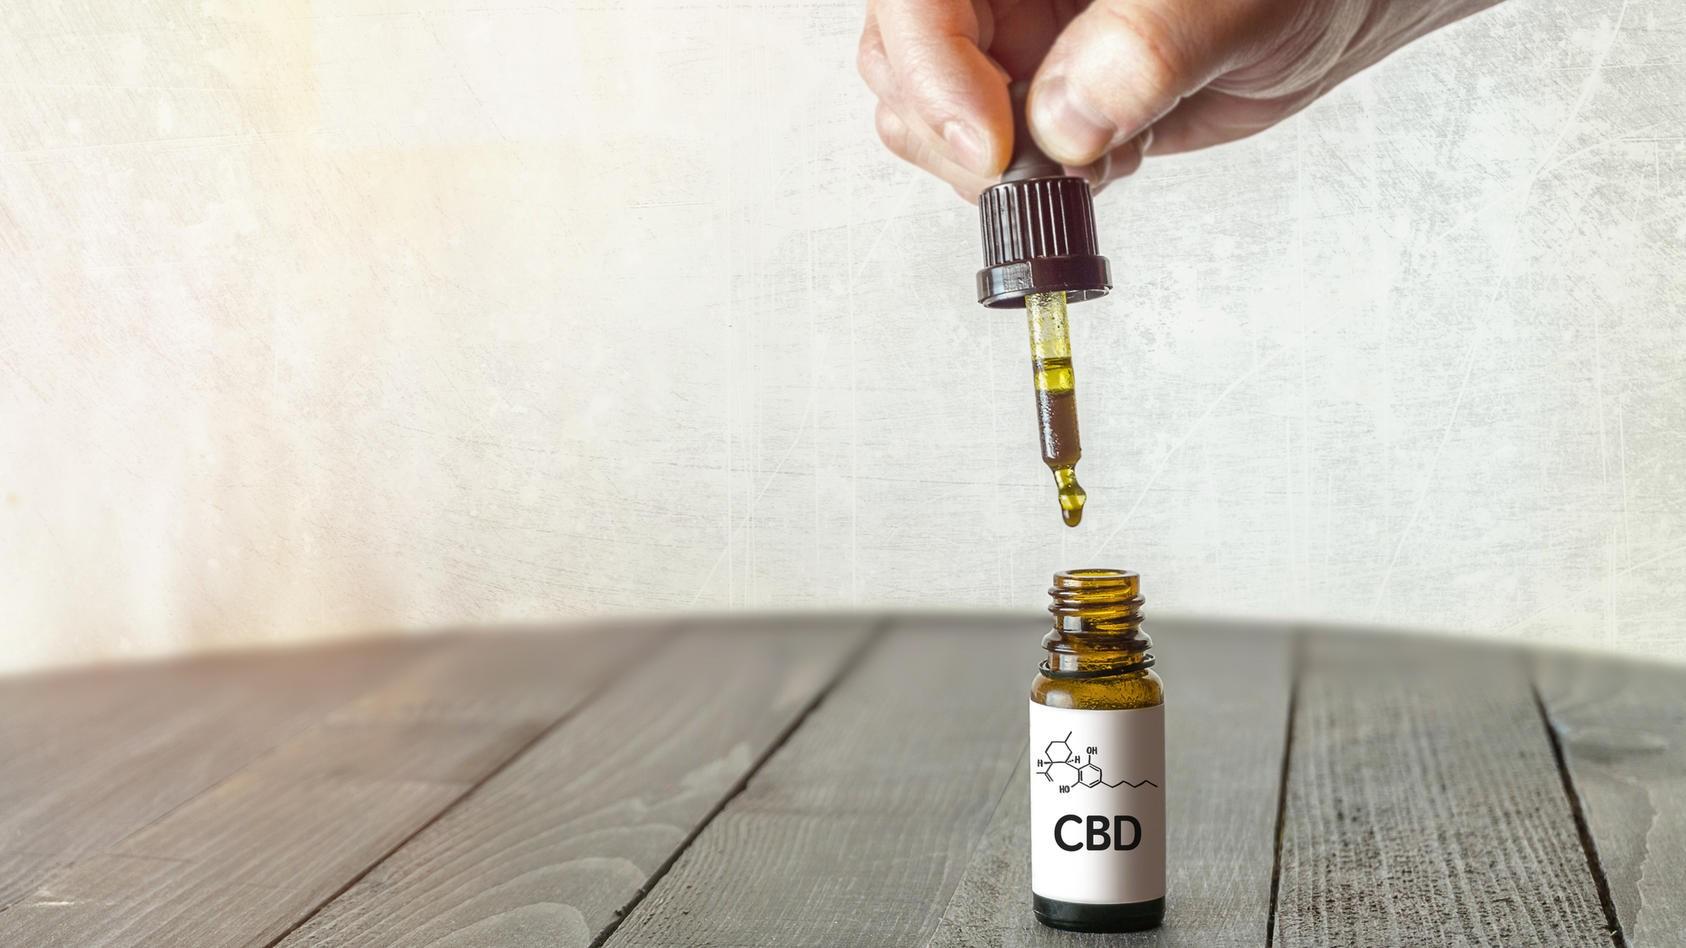 Według Nowego Badania Olej CBD Powoduje Uszkodzenia Wątroby, haszysz.info